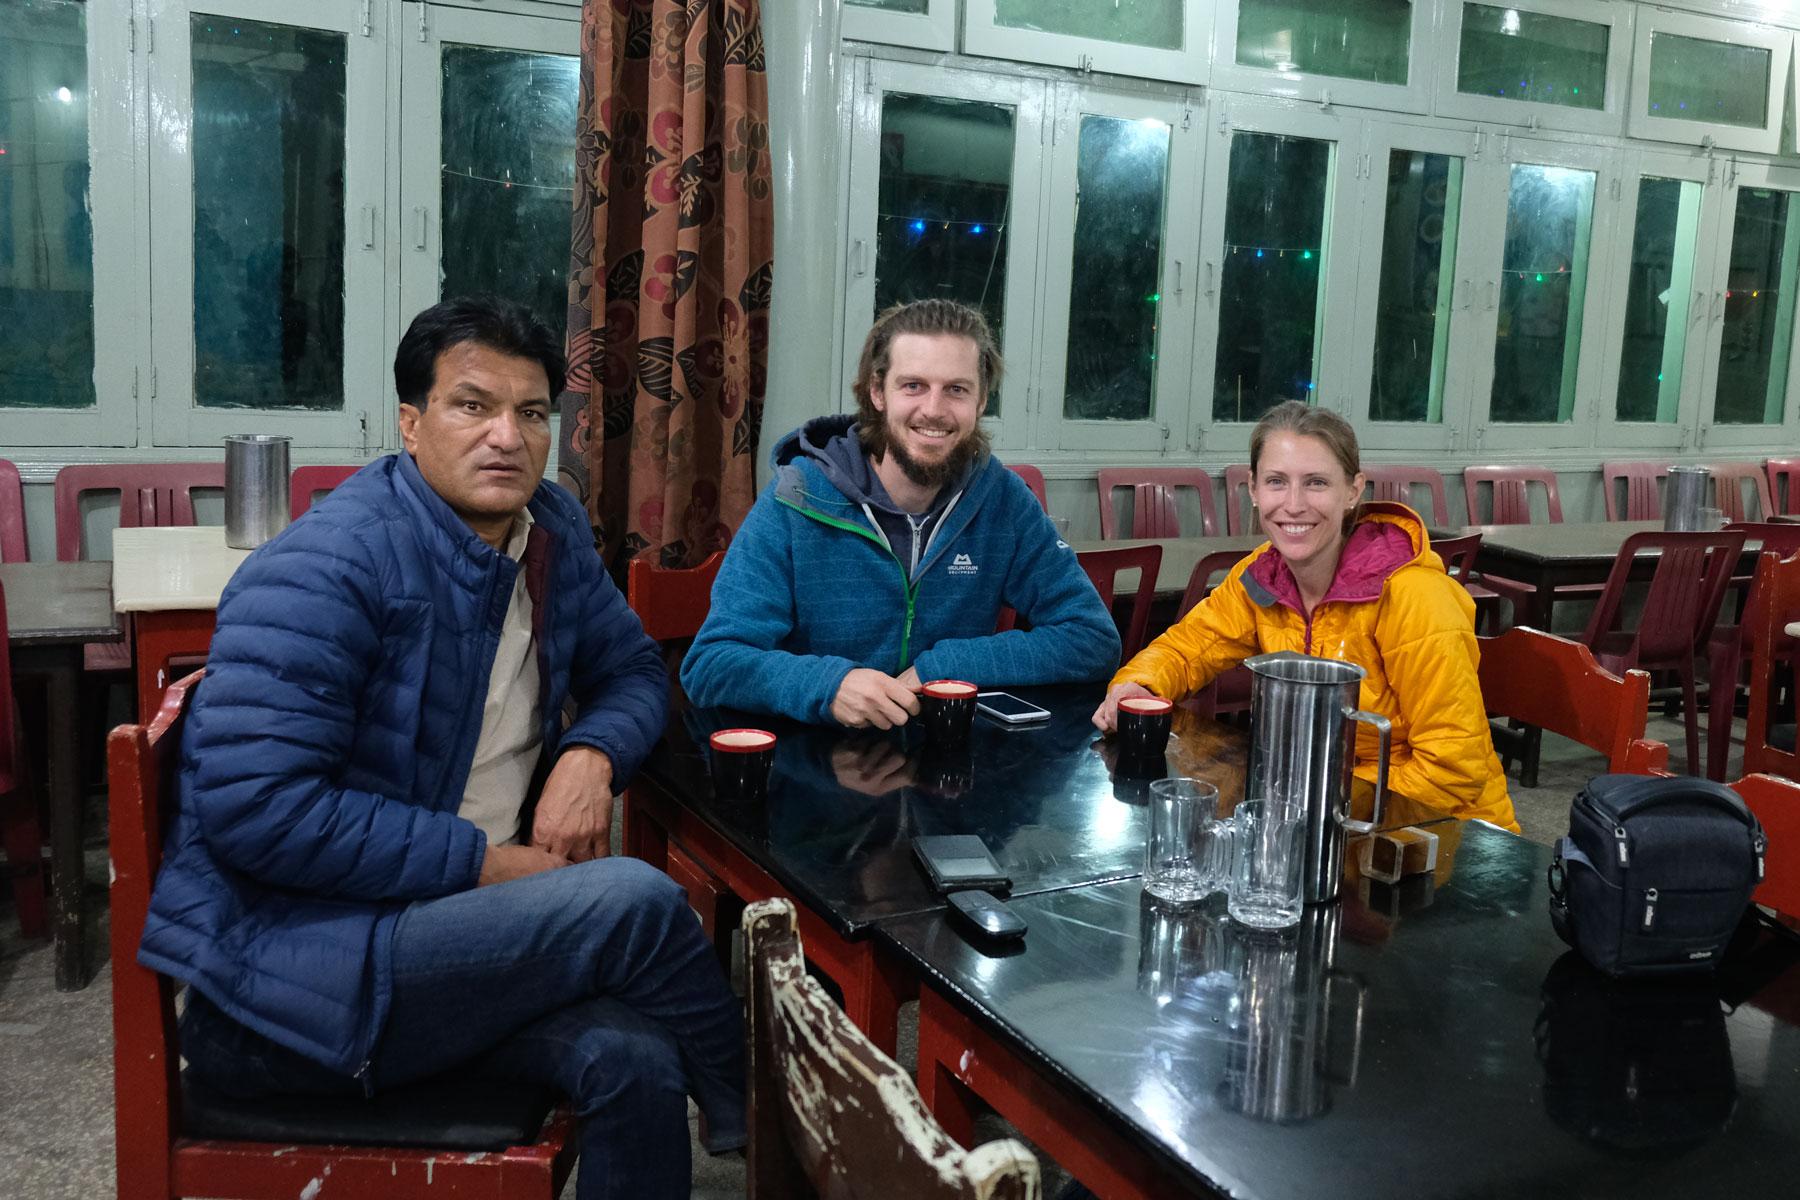 Sebastian und Leo sitzen mit Arshad in einem Restaurant und trinken Tee.